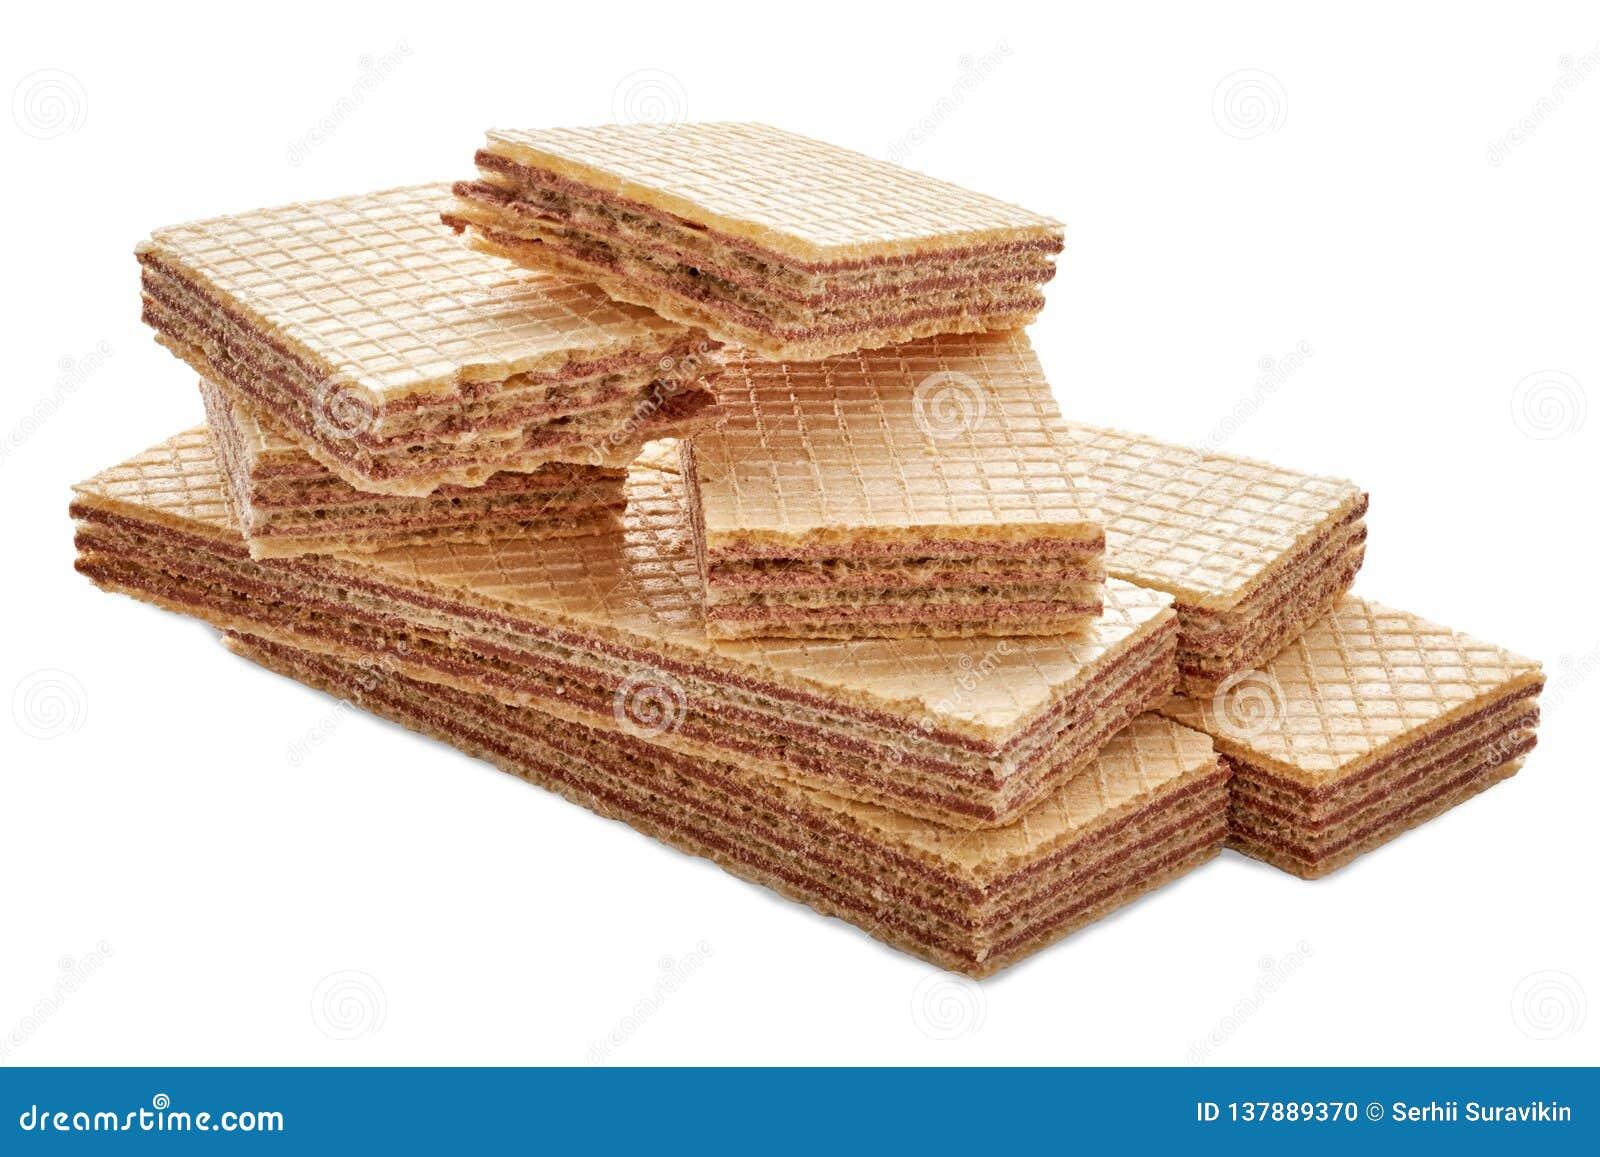 Σωρός ορθογώνιου των διαμορφωμένων μπισκότων και γκοφρετών που σπάζουν διχοτομημένος σε δύο κομμάτια